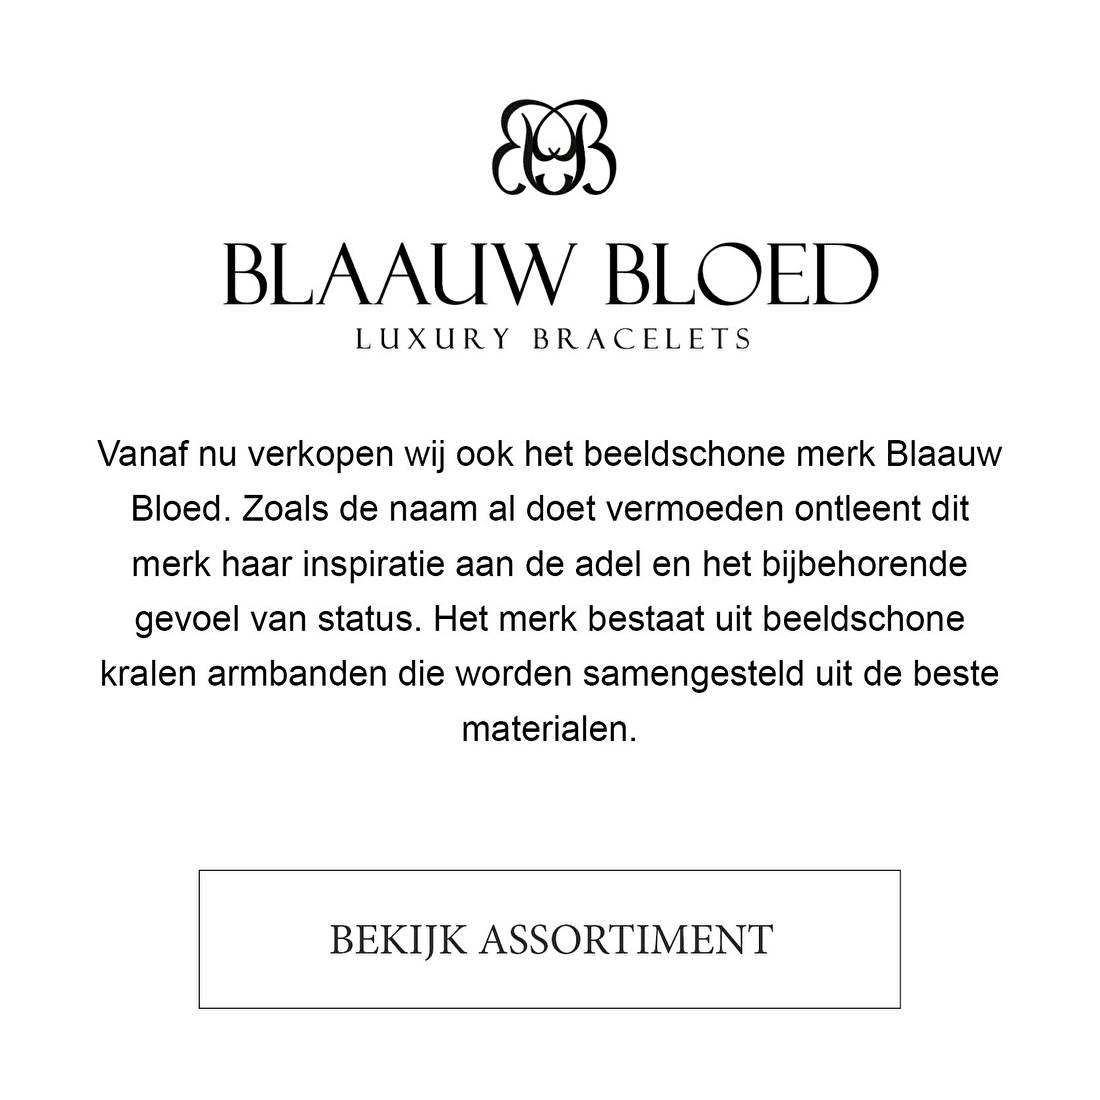 Vanaf nu verkopen wij ook het beeldschone merk Blaauw Bloed. Zoals de naam al doet vermoeden ontleent dit merk haar inspiratie aan de adel en het bijbehorende gevoel van status. Het merk bestaat uit beeldschone kralen armbanden die worden samengesteld uit de beste materialen.